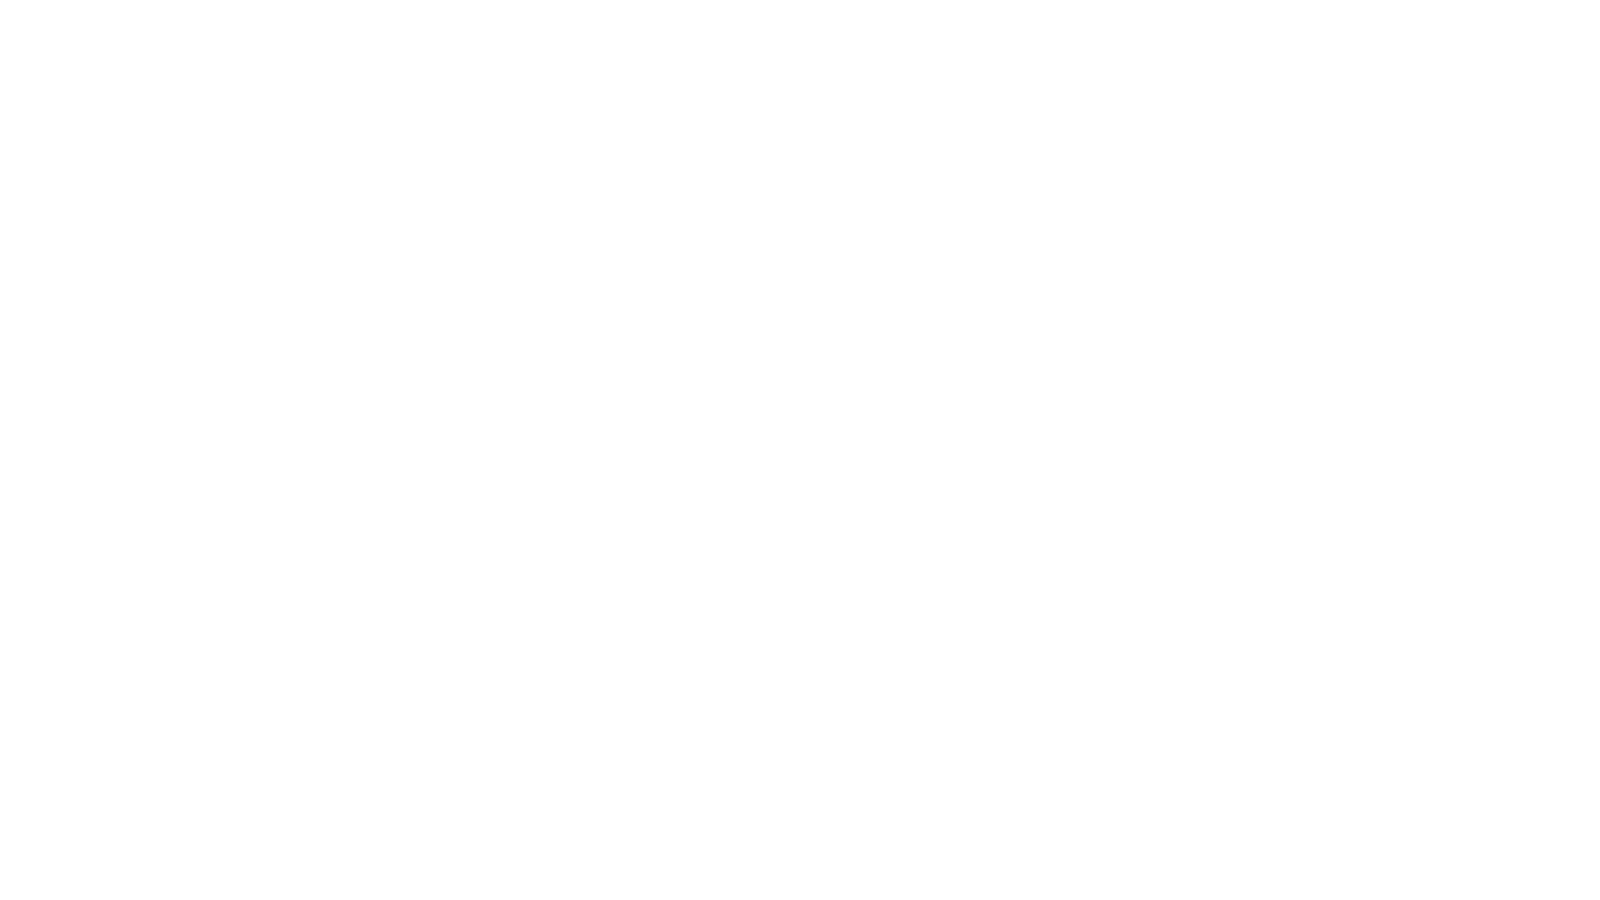 """En Contexto:  00:00 Las últimas noticias de Nicaragua 06:18 La destitución de María Fernanda Flores 24:00 Los Ozuna y el caso Fariñas 29:53 La ayuda para Waspam avanza  Manténgase informado de lo que pasa en Nicaragua, por medio de https://cafeconvoz.com  El periodista Luis Galeano analiza el acontecer cotidiano y las principales noticias de Nicaragua. Los invitamos a tomarnos un buen café, un cafe con voz, para juntos disfrutar del saborcito de estar bien informados. Siempre firmes y dignos!  Usted sabe que el esfuerzo por mantenerlos informados, es grande. Apoye a Café con Voz, mediante alguna de estas alternativas:  Formando parte del Club de Amigos de Café con Voz. Más información en: https://www.patreon.com/join/cafeconvoz  Comprando souvenirs en nuestra tienda: www.cafeconvoz.com  Donando por medio de Súperchat, durante los videos en vivo: Símbolo """"$""""  Muchas gracias!"""